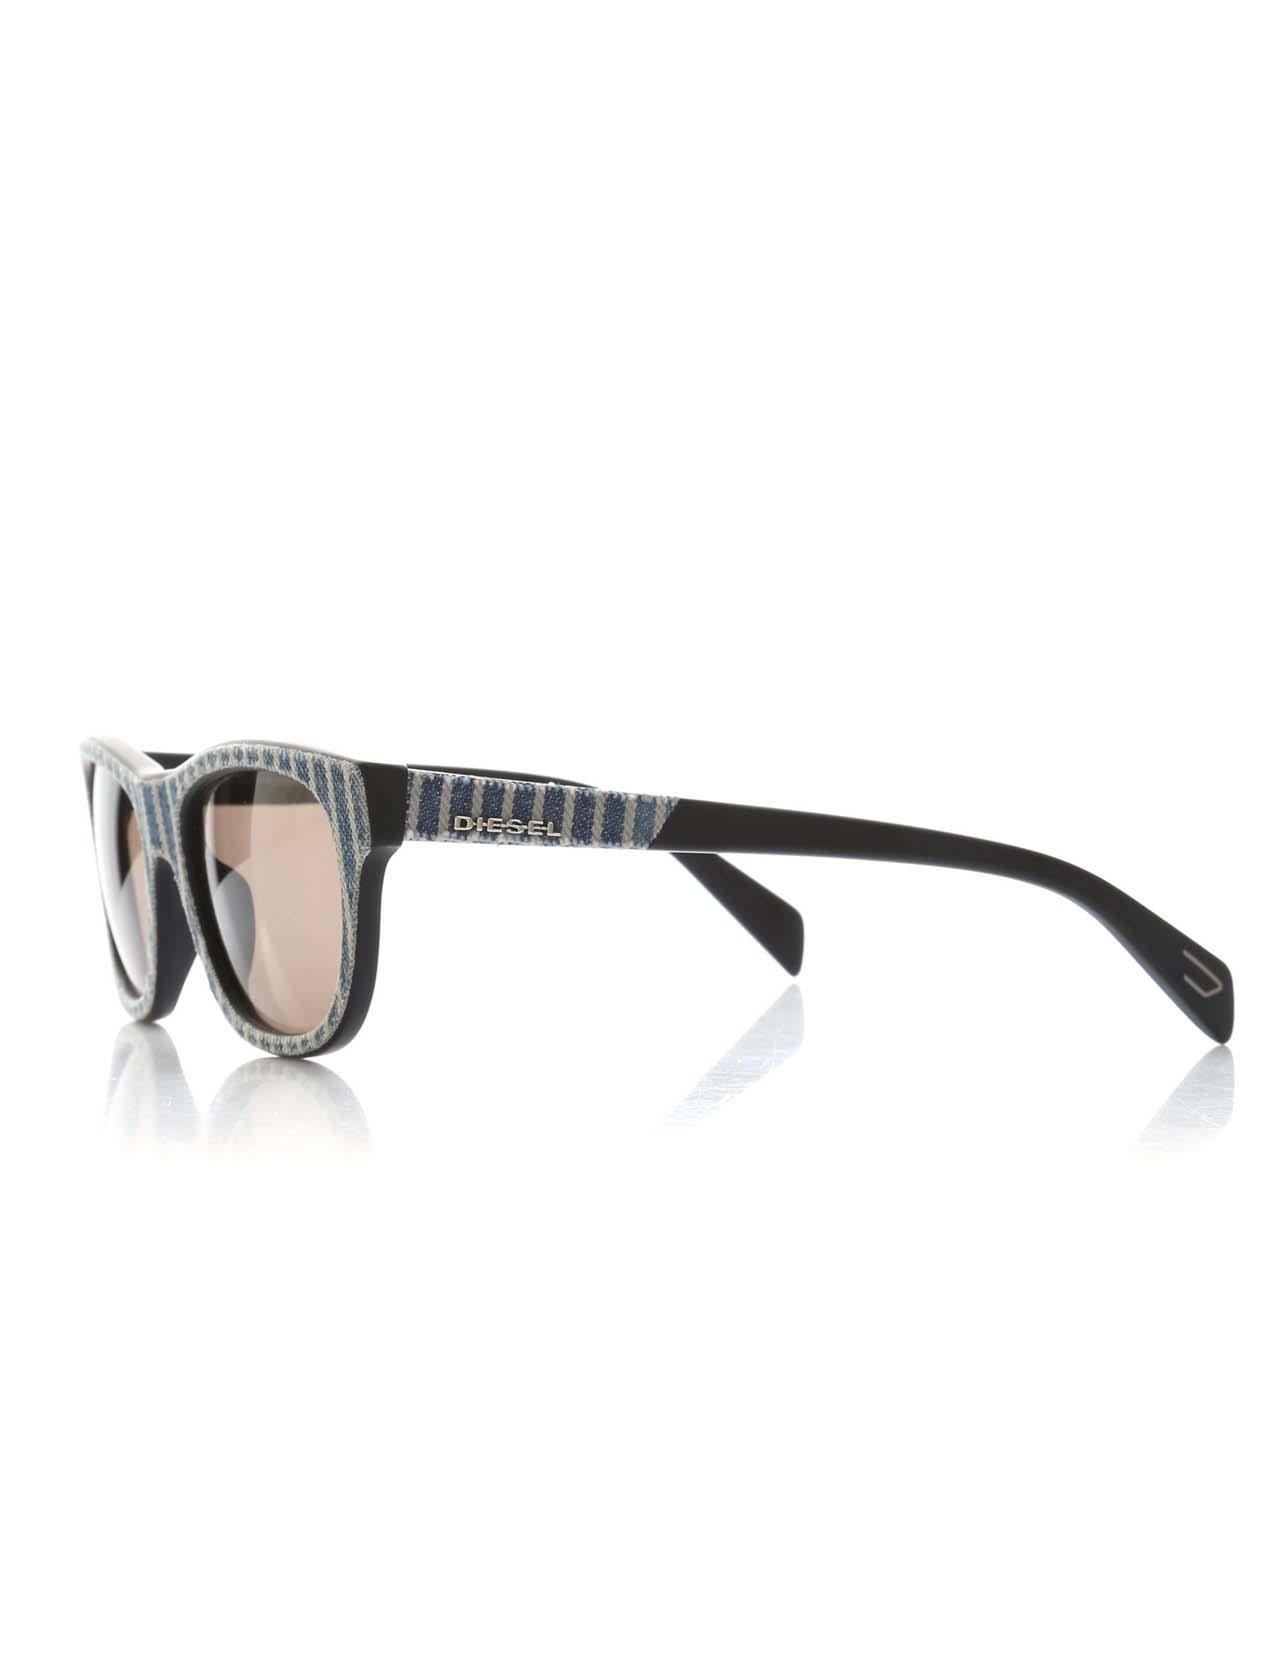 نظارات شمسية بتصميم جديد للجنسين